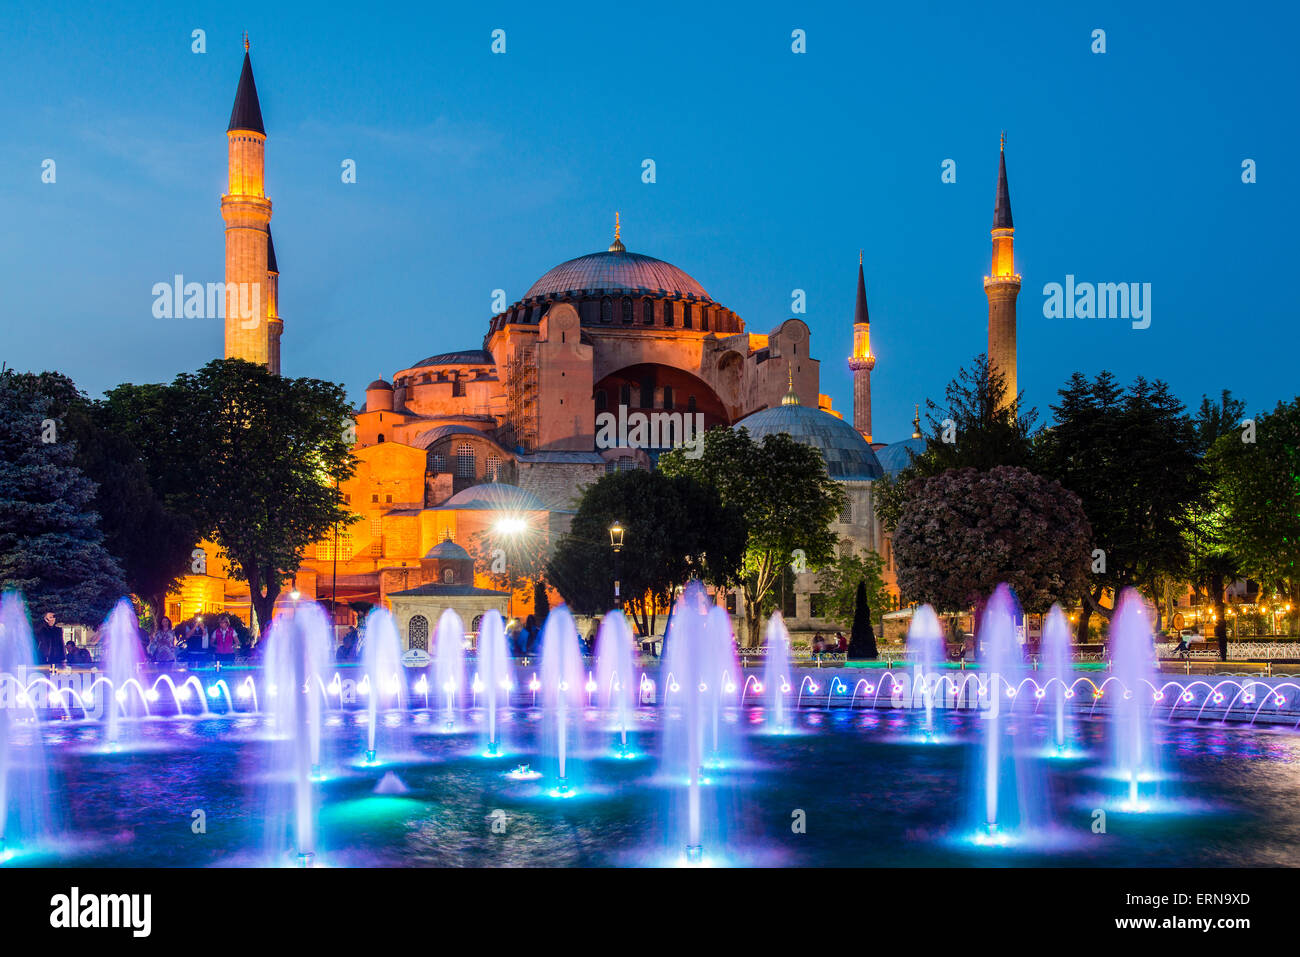 Vue de nuit avec spectacle de lumière fontaine derrière Sainte-sophie, Sultanahmet, Istanbul, Turquie Photo Stock